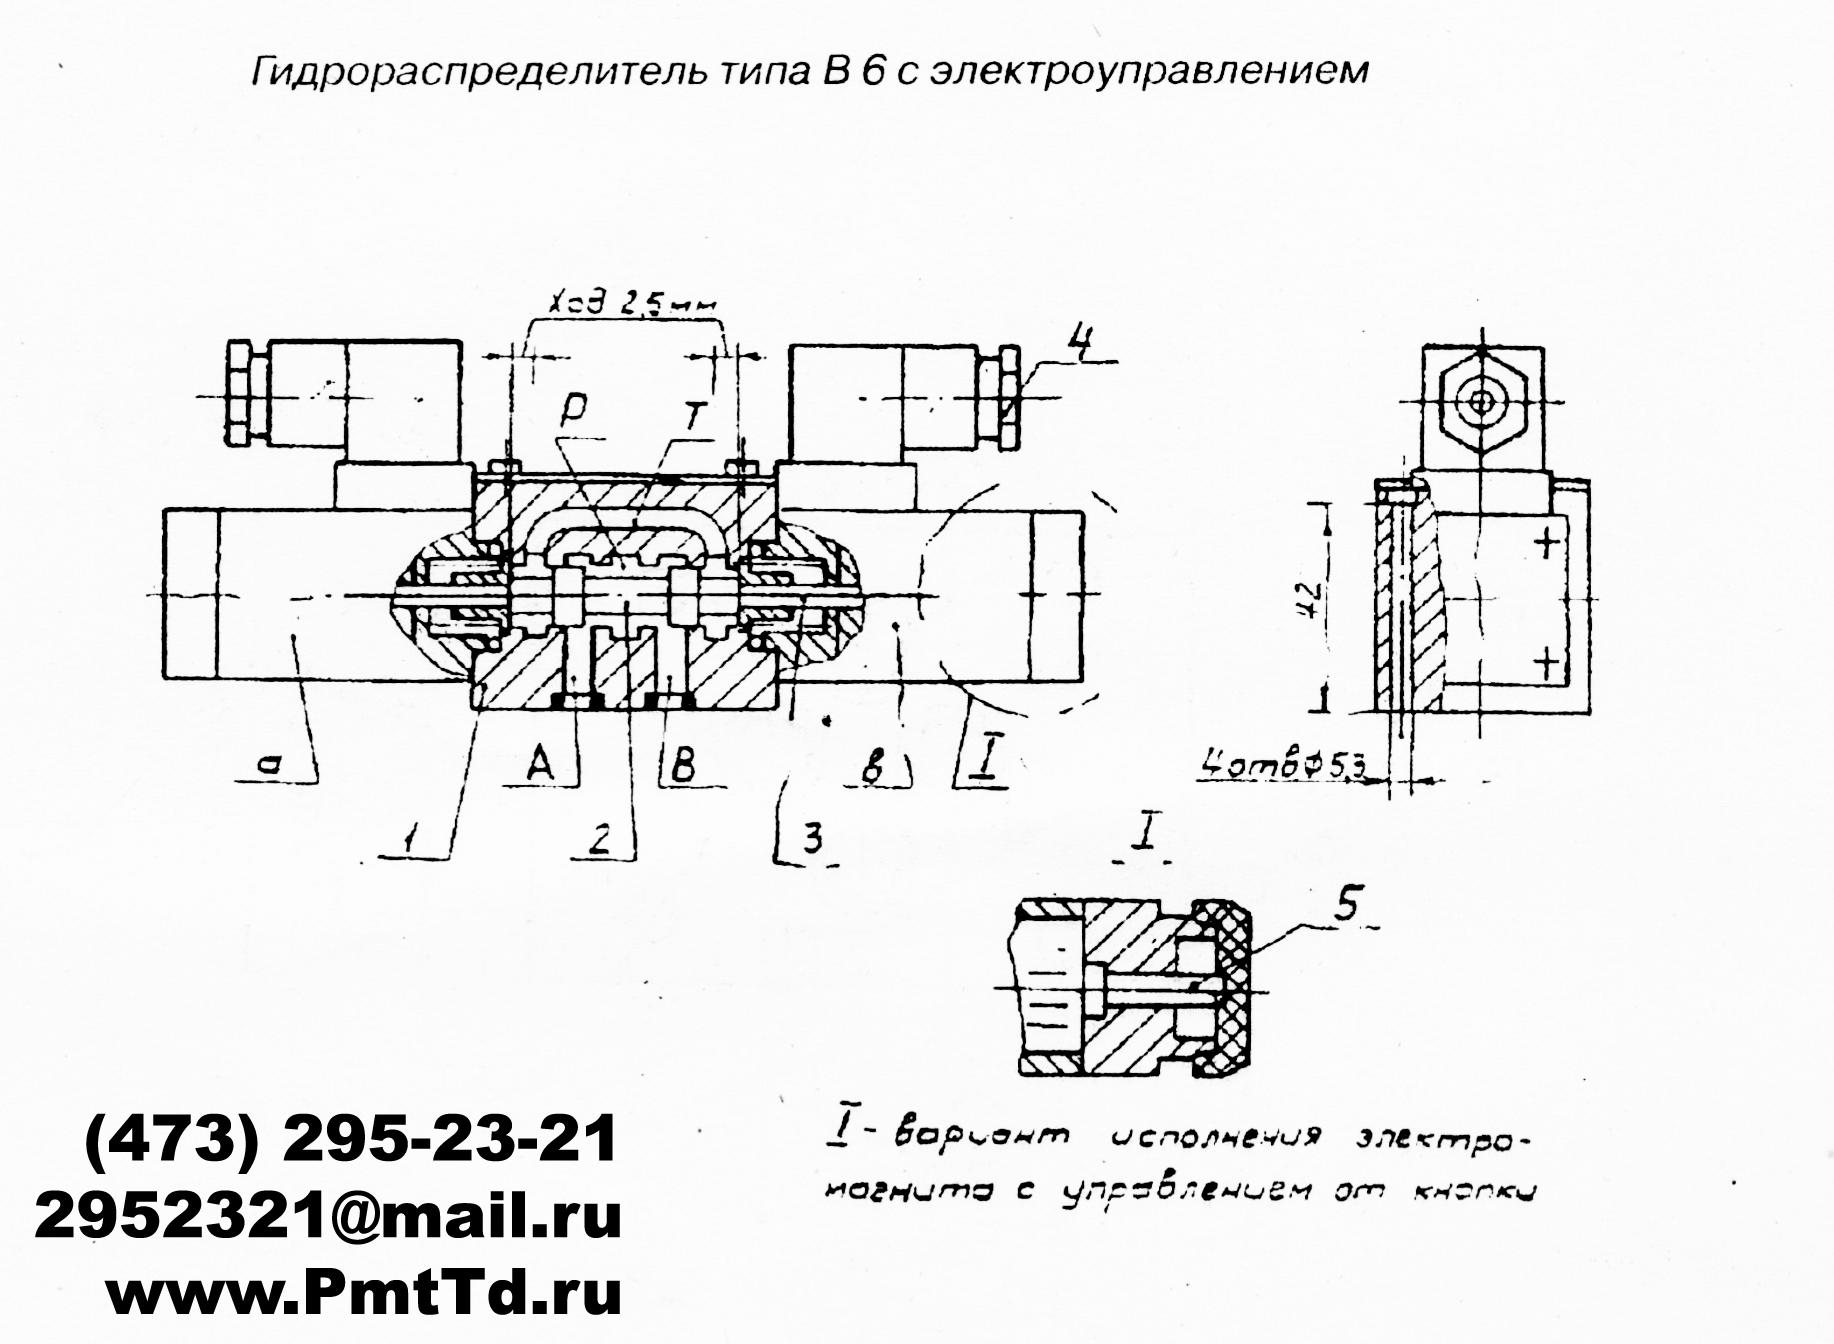 Чертеж гидрораспределителя Ве6 с электромагнитным управлением